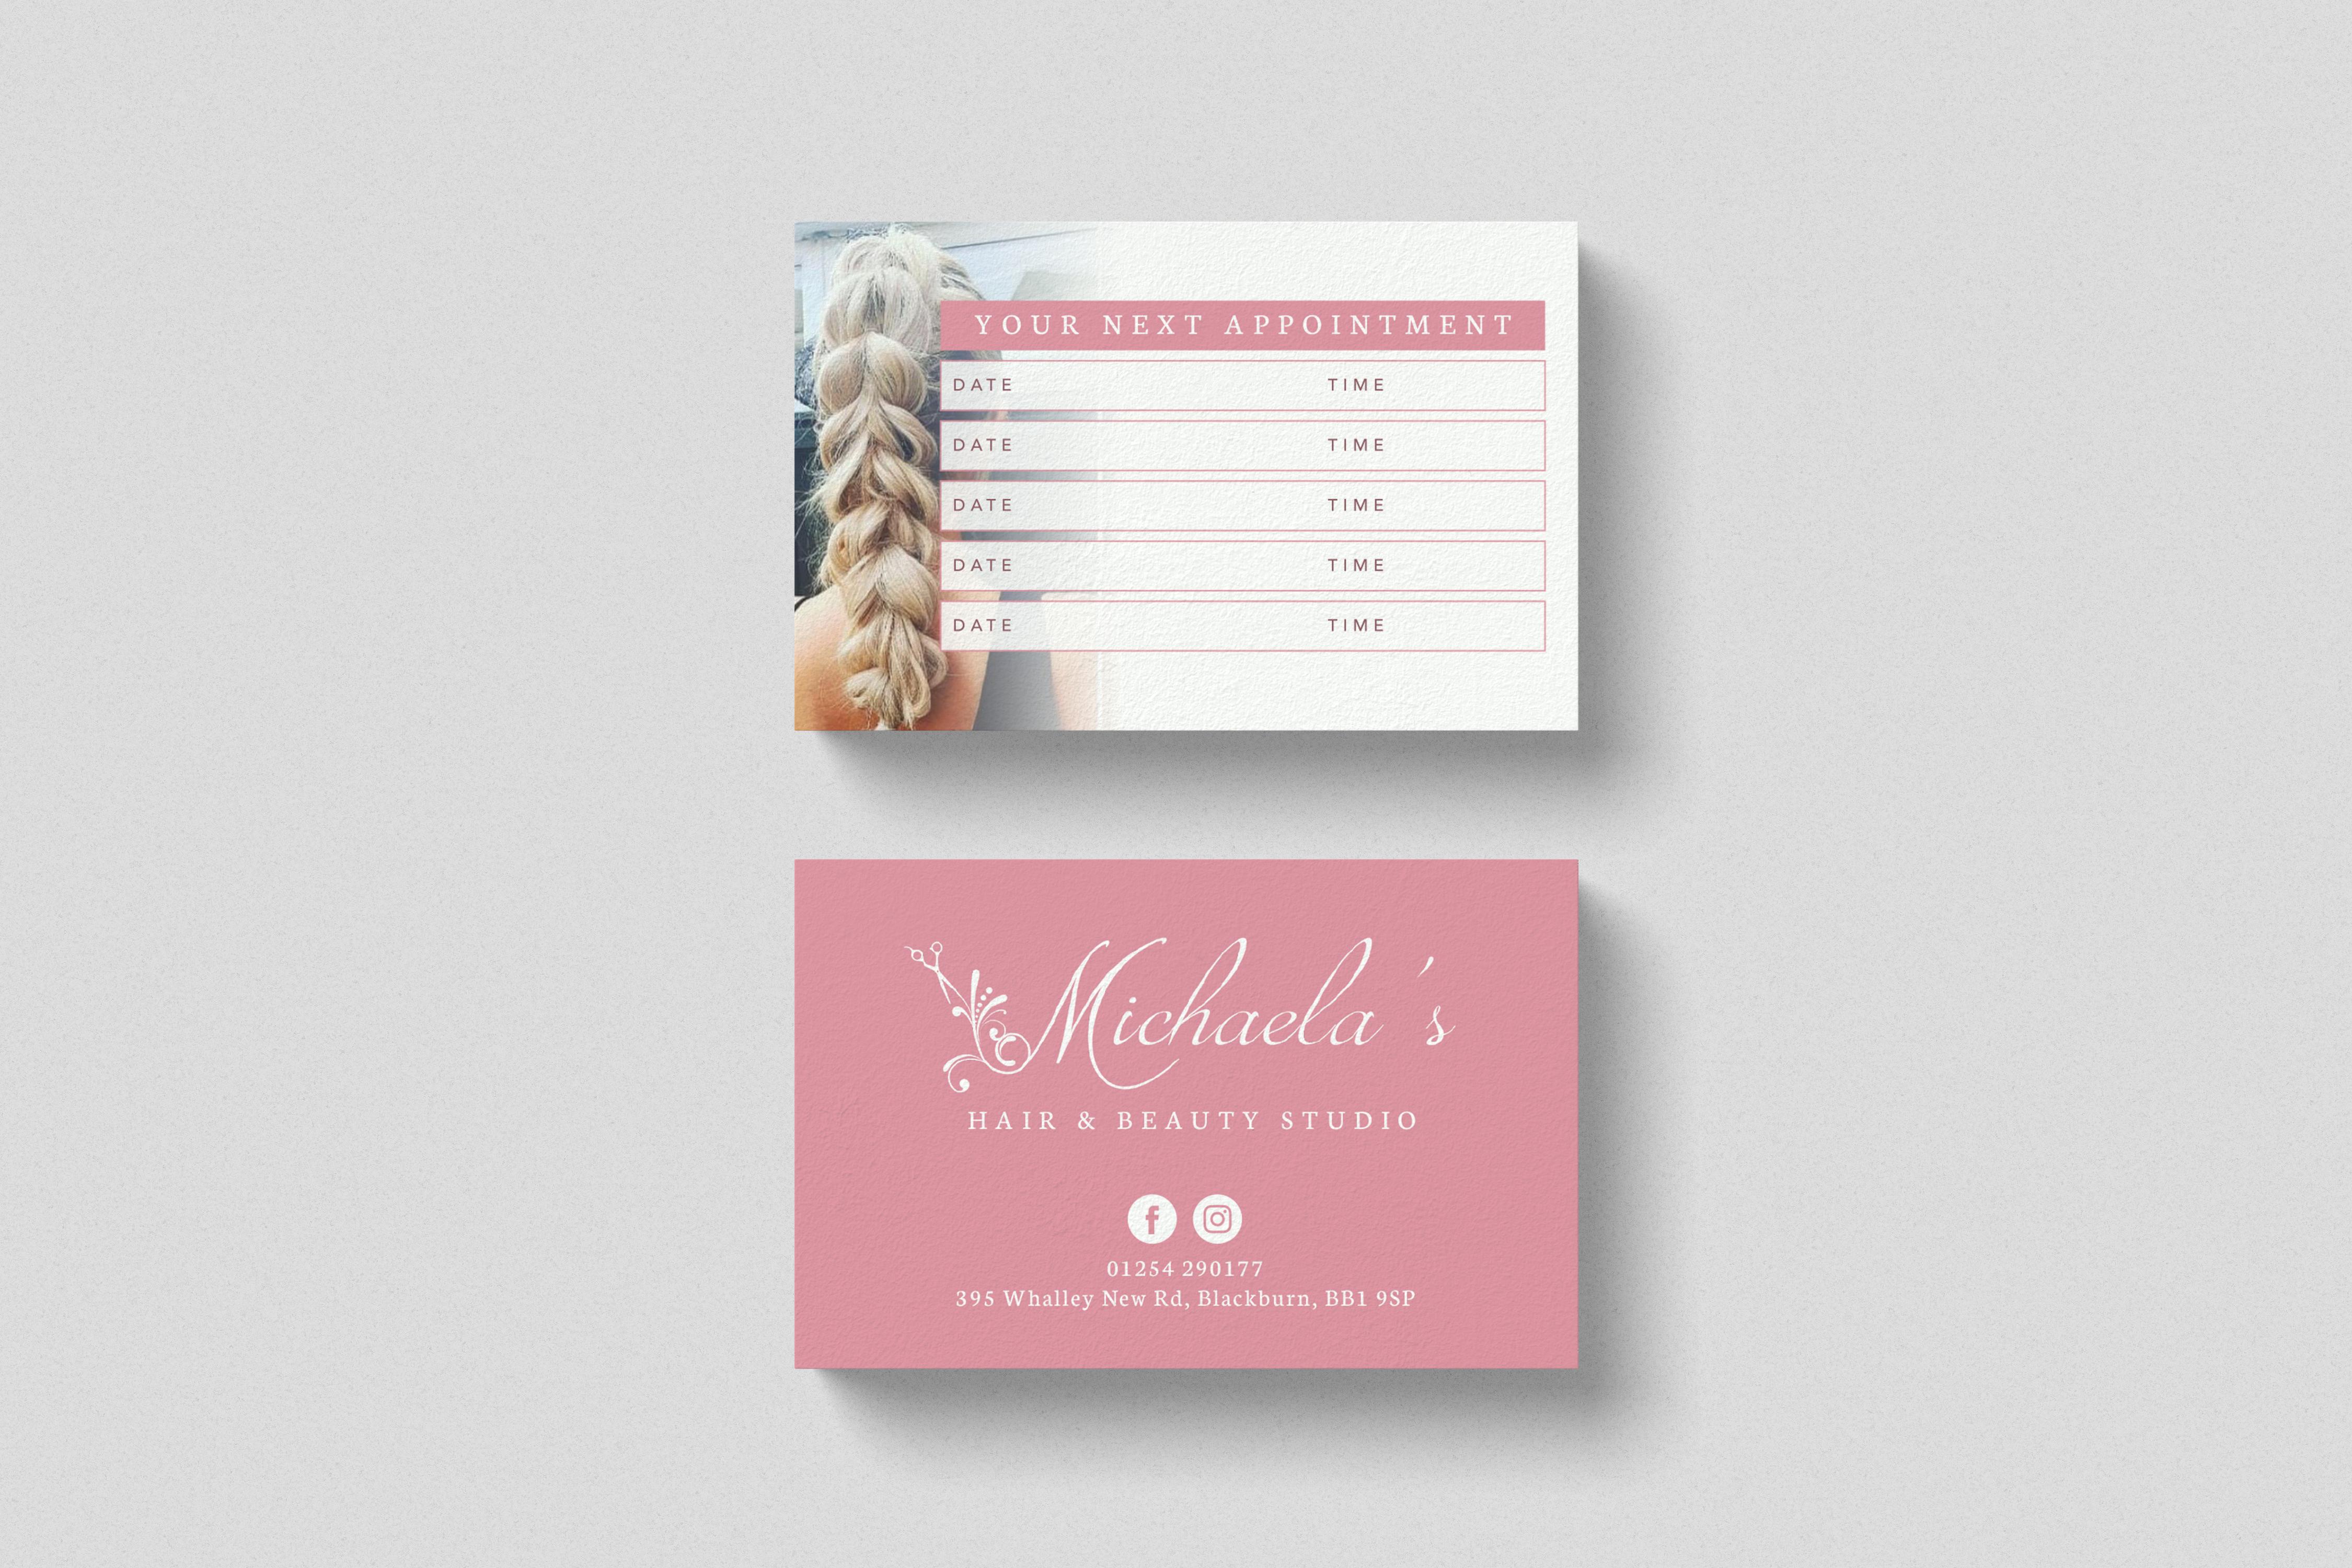 Business Card design for Michaela's Hair Studio, Blackburn